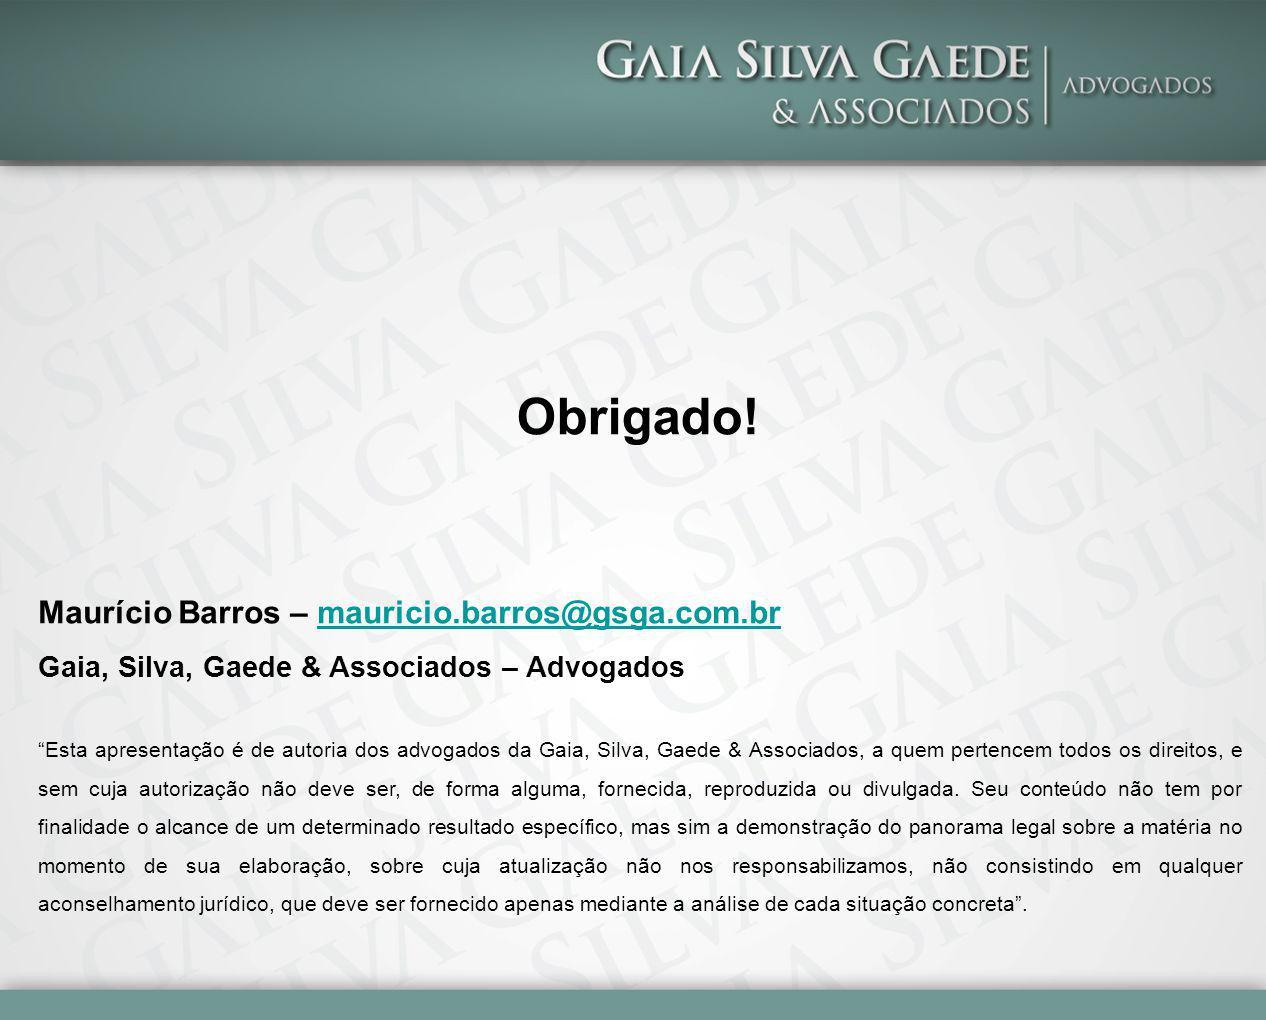 Maurício Barros – mauricio.barros@gsga.com.brmauricio.barros@gsga.com.br Gaia, Silva, Gaede & Associados – Advogados Esta apresentação é de autoria dos advogados da Gaia, Silva, Gaede & Associados, a quem pertencem todos os direitos, e sem cuja autorização não deve ser, de forma alguma, fornecida, reproduzida ou divulgada.